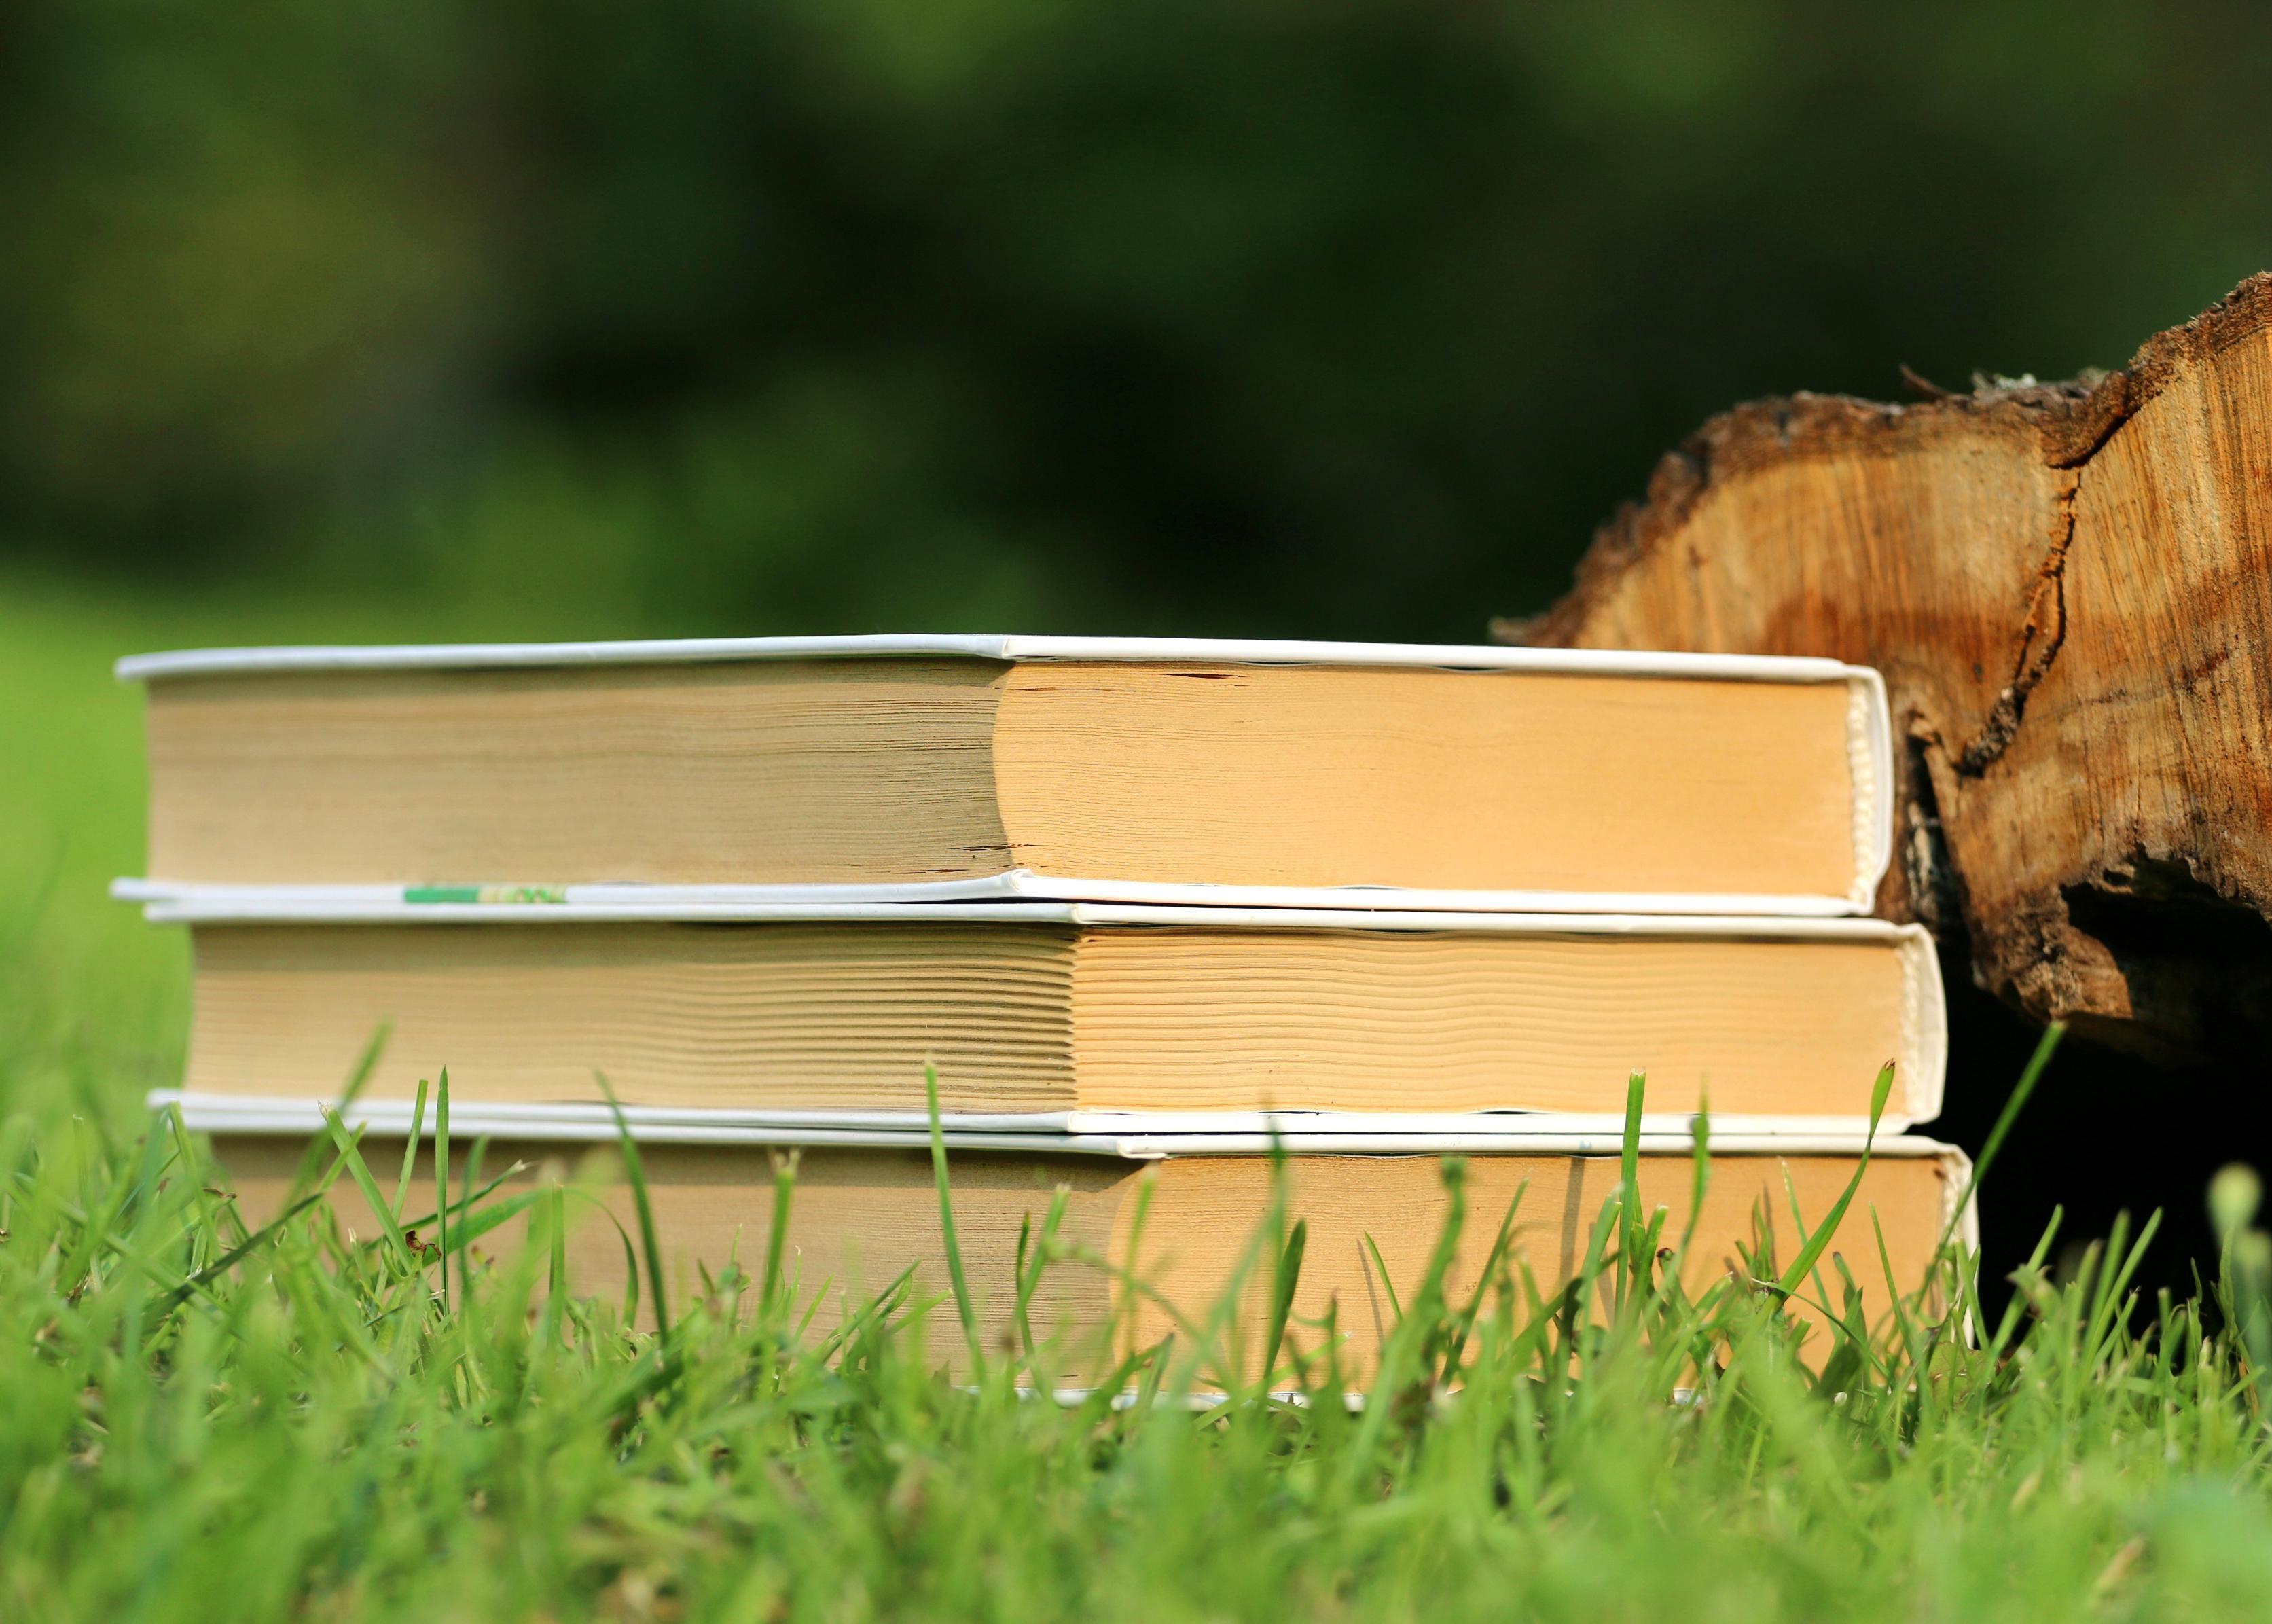 Föreläsning: Vännerna i bokhyllan